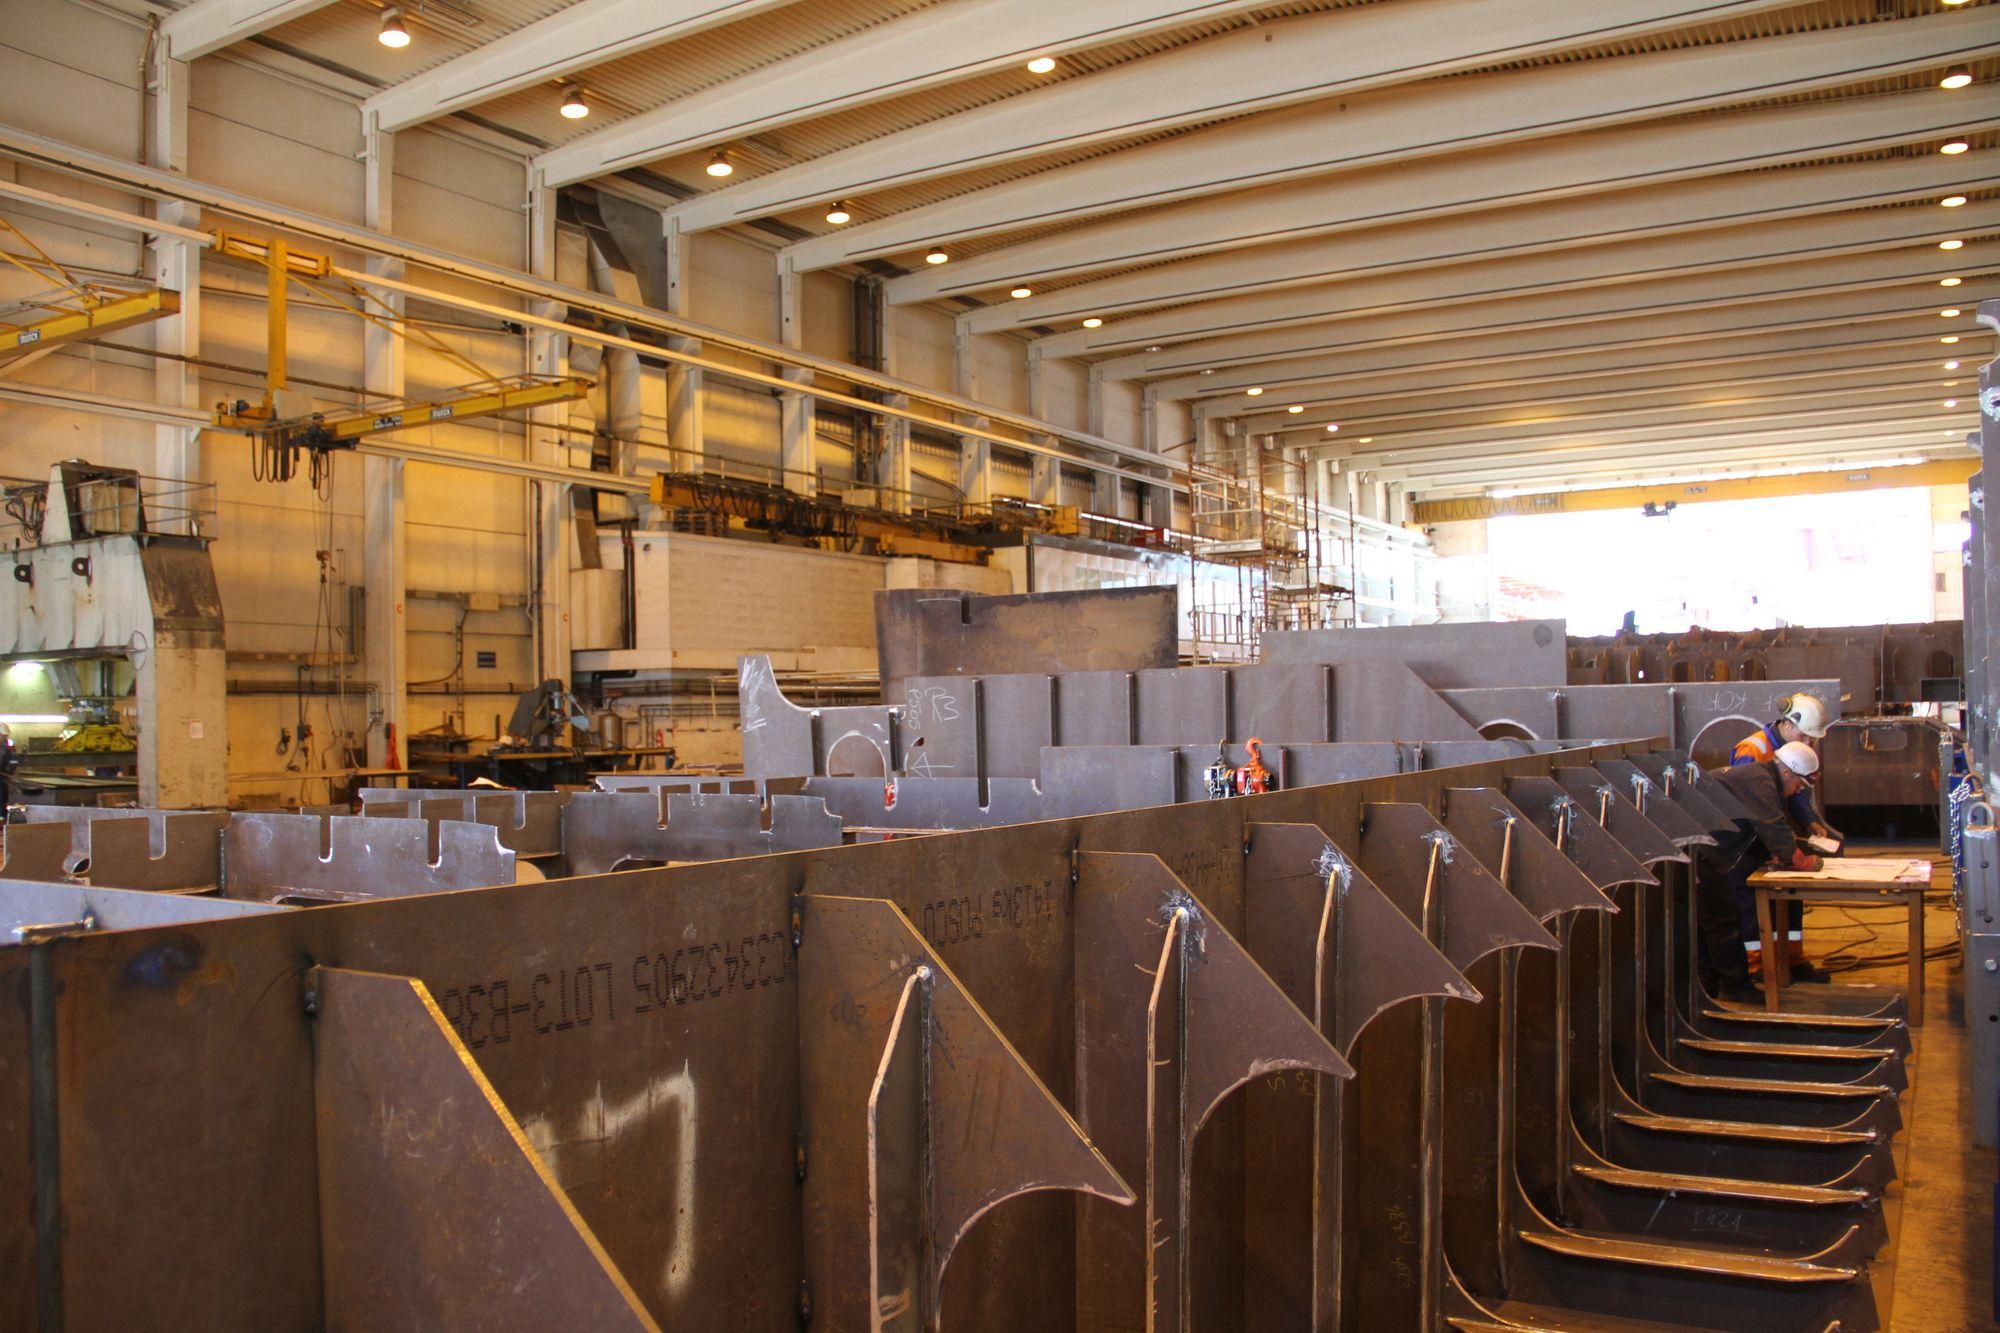 Verftet har lagt opp til en modulbasert produksjon der mye sveises sammen innendørs.